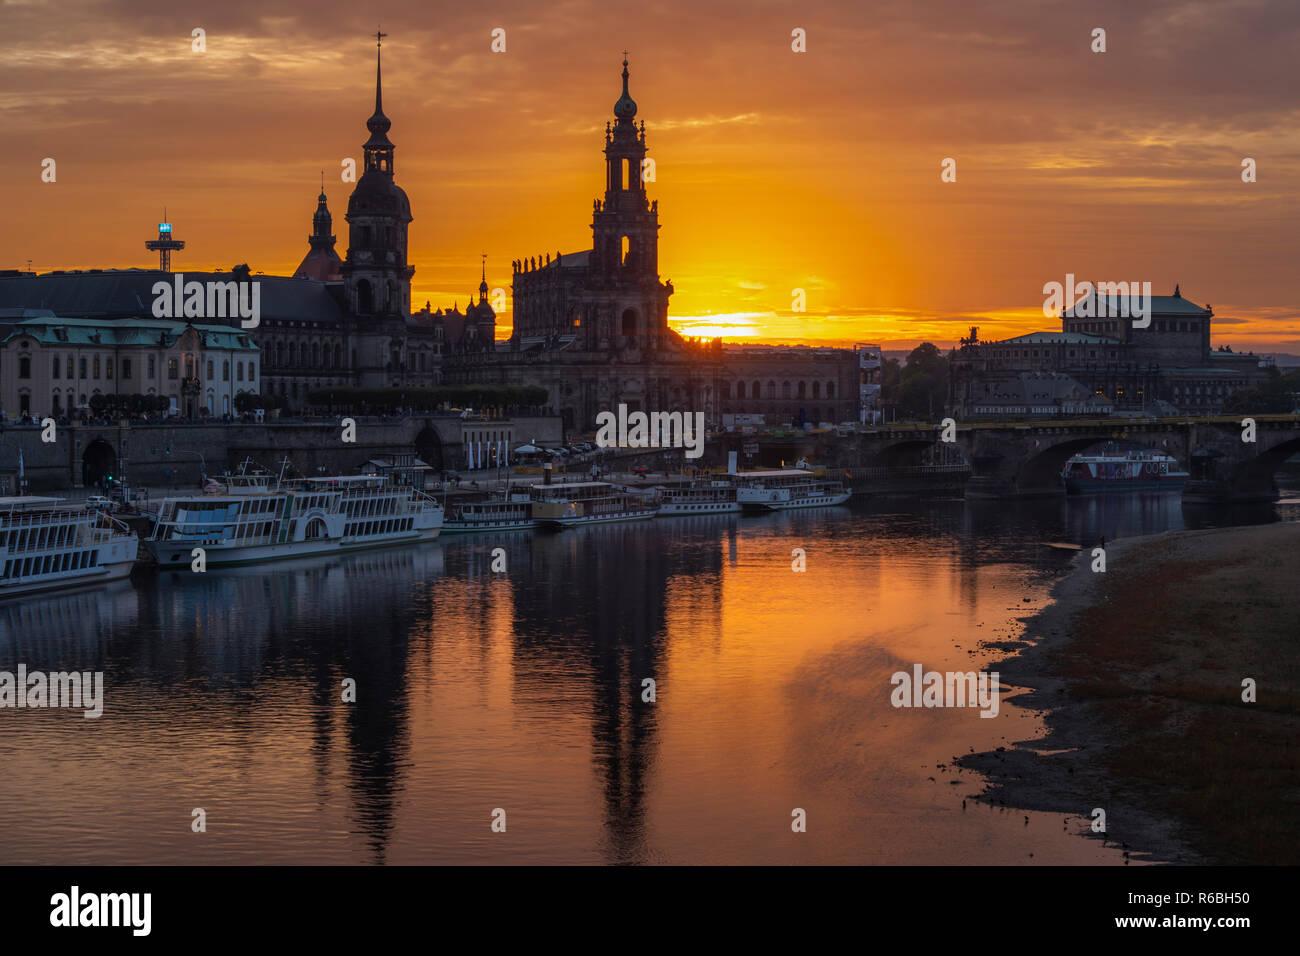 Dresden im Sonnenuntergang, Blick über die Elbe zur historischen Altstadt mit Oper und Schloss sowie Schlosskirche - Stock Image